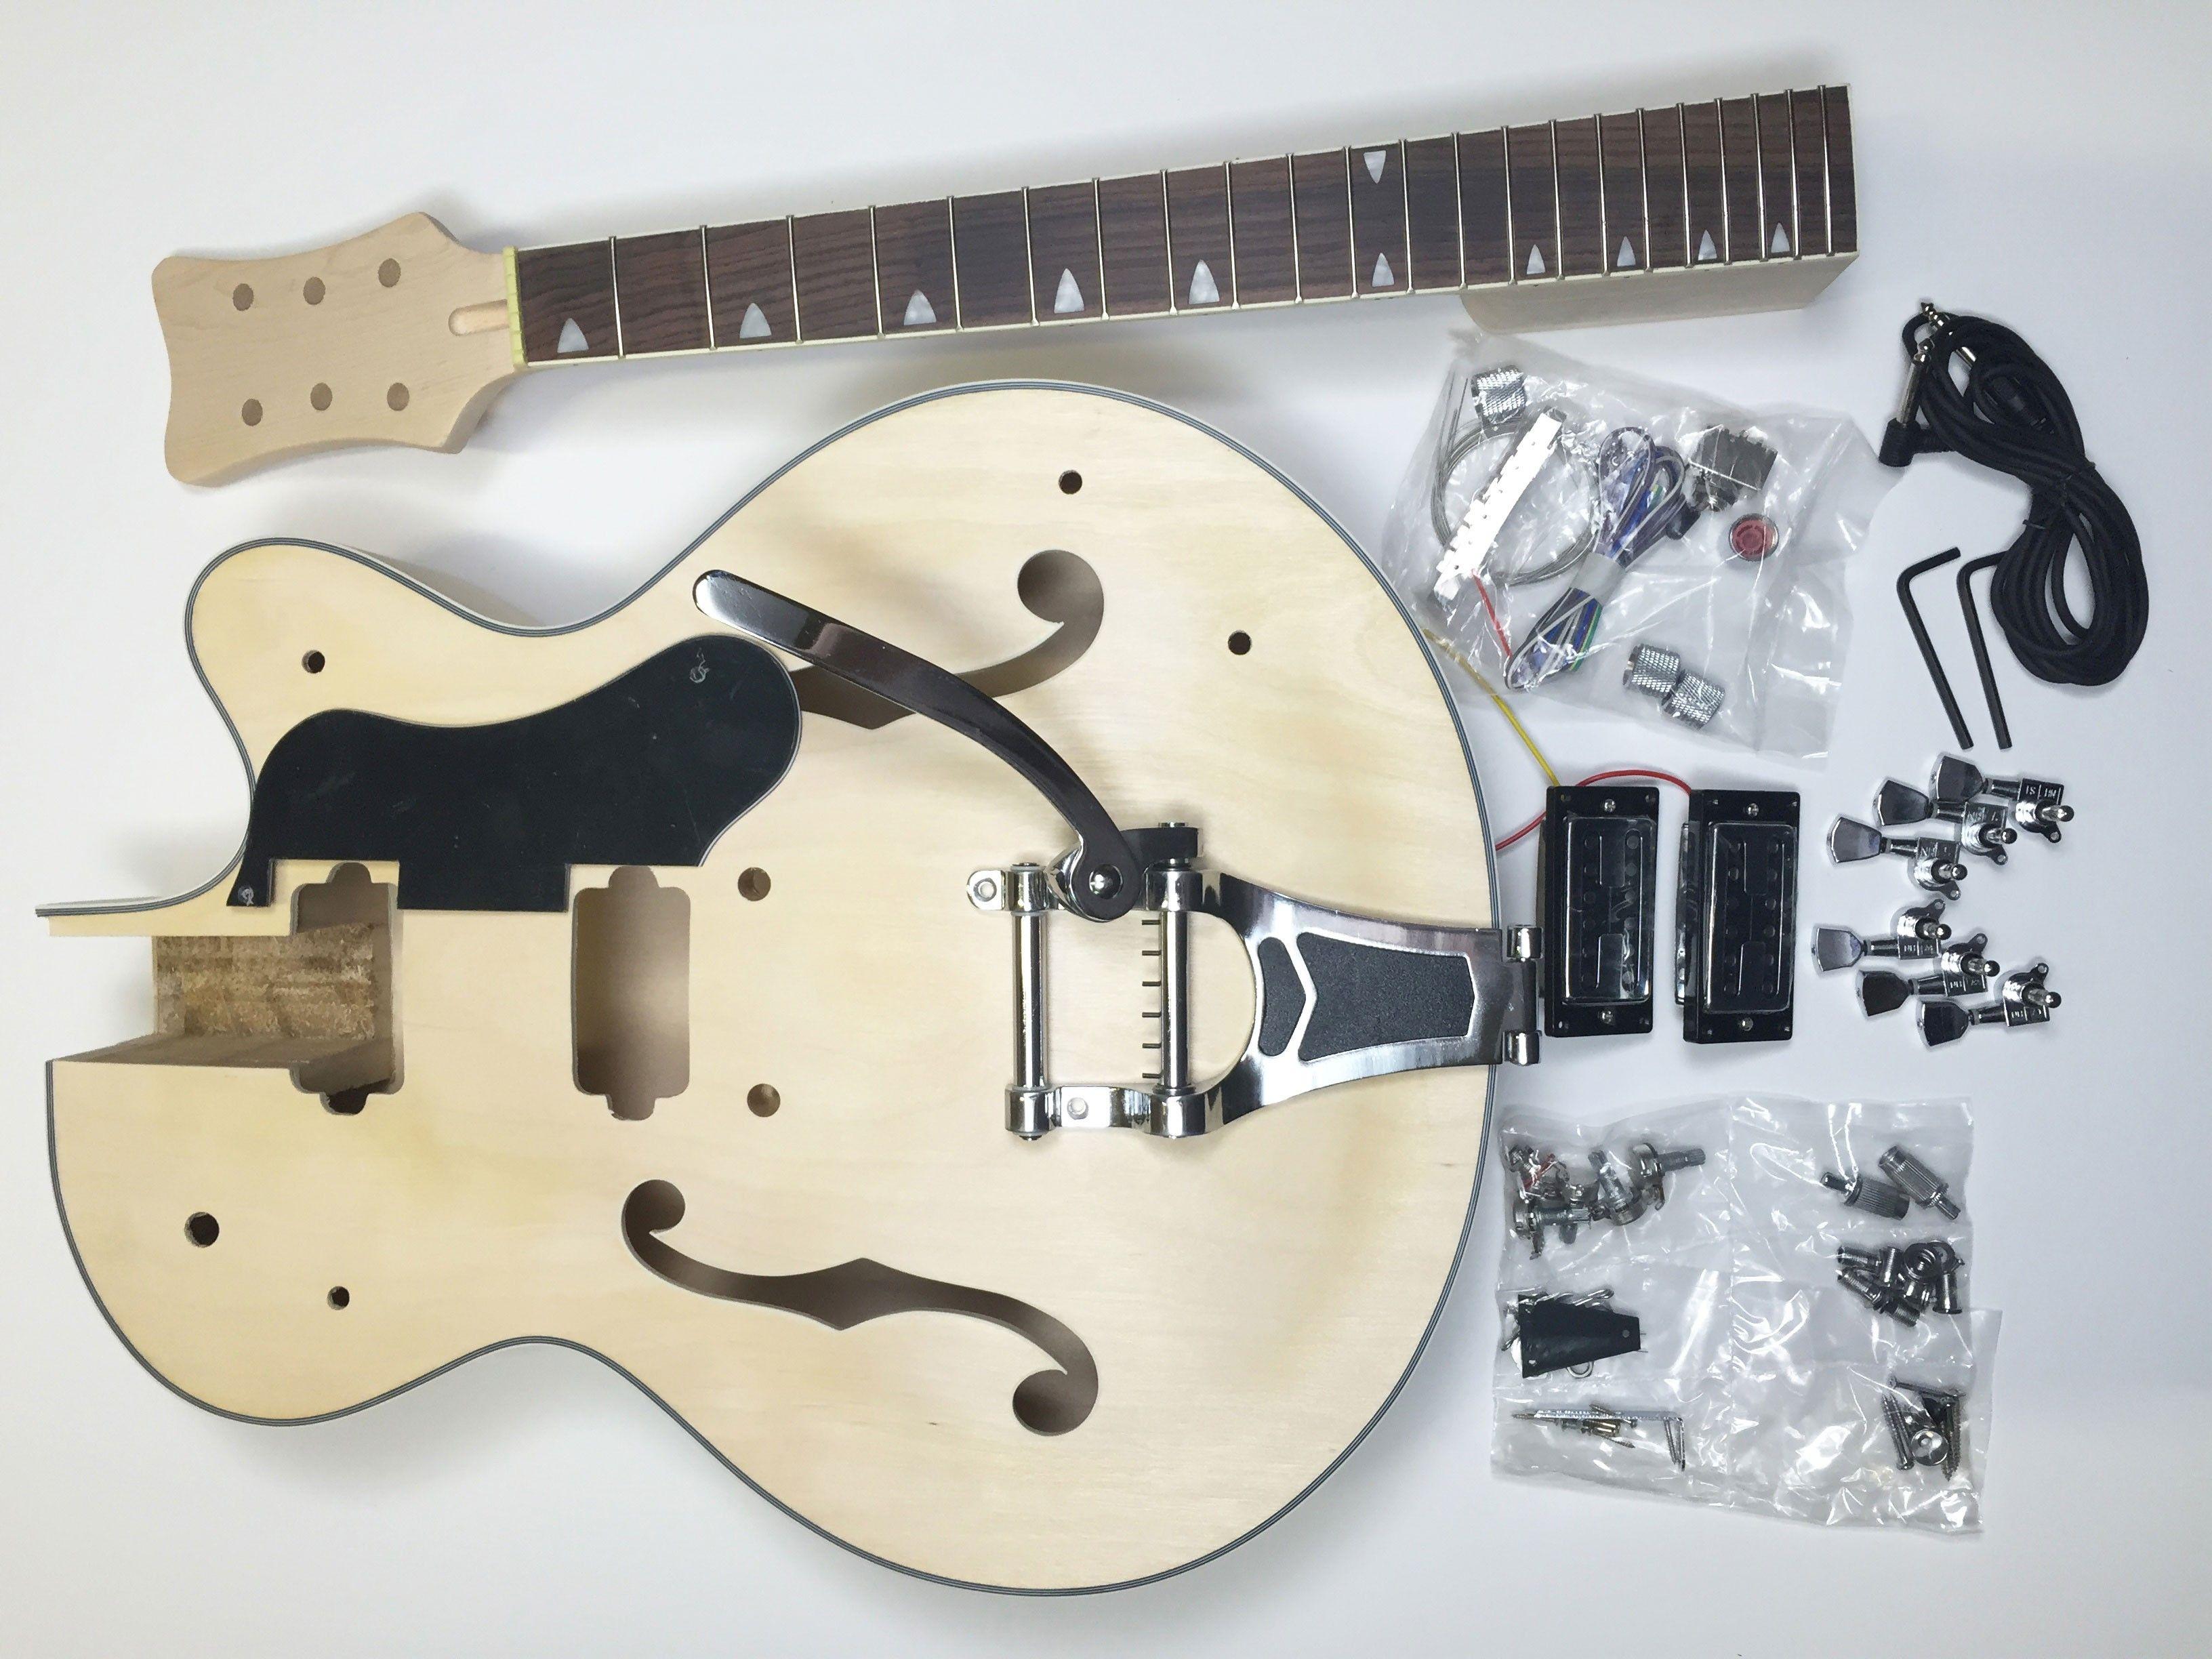 Diy Electric Guitar Kit Hollow Body Build Your Own Guitar Kit Rockabilly Guitar Kits Electric Guitar Kits Electric Guitar